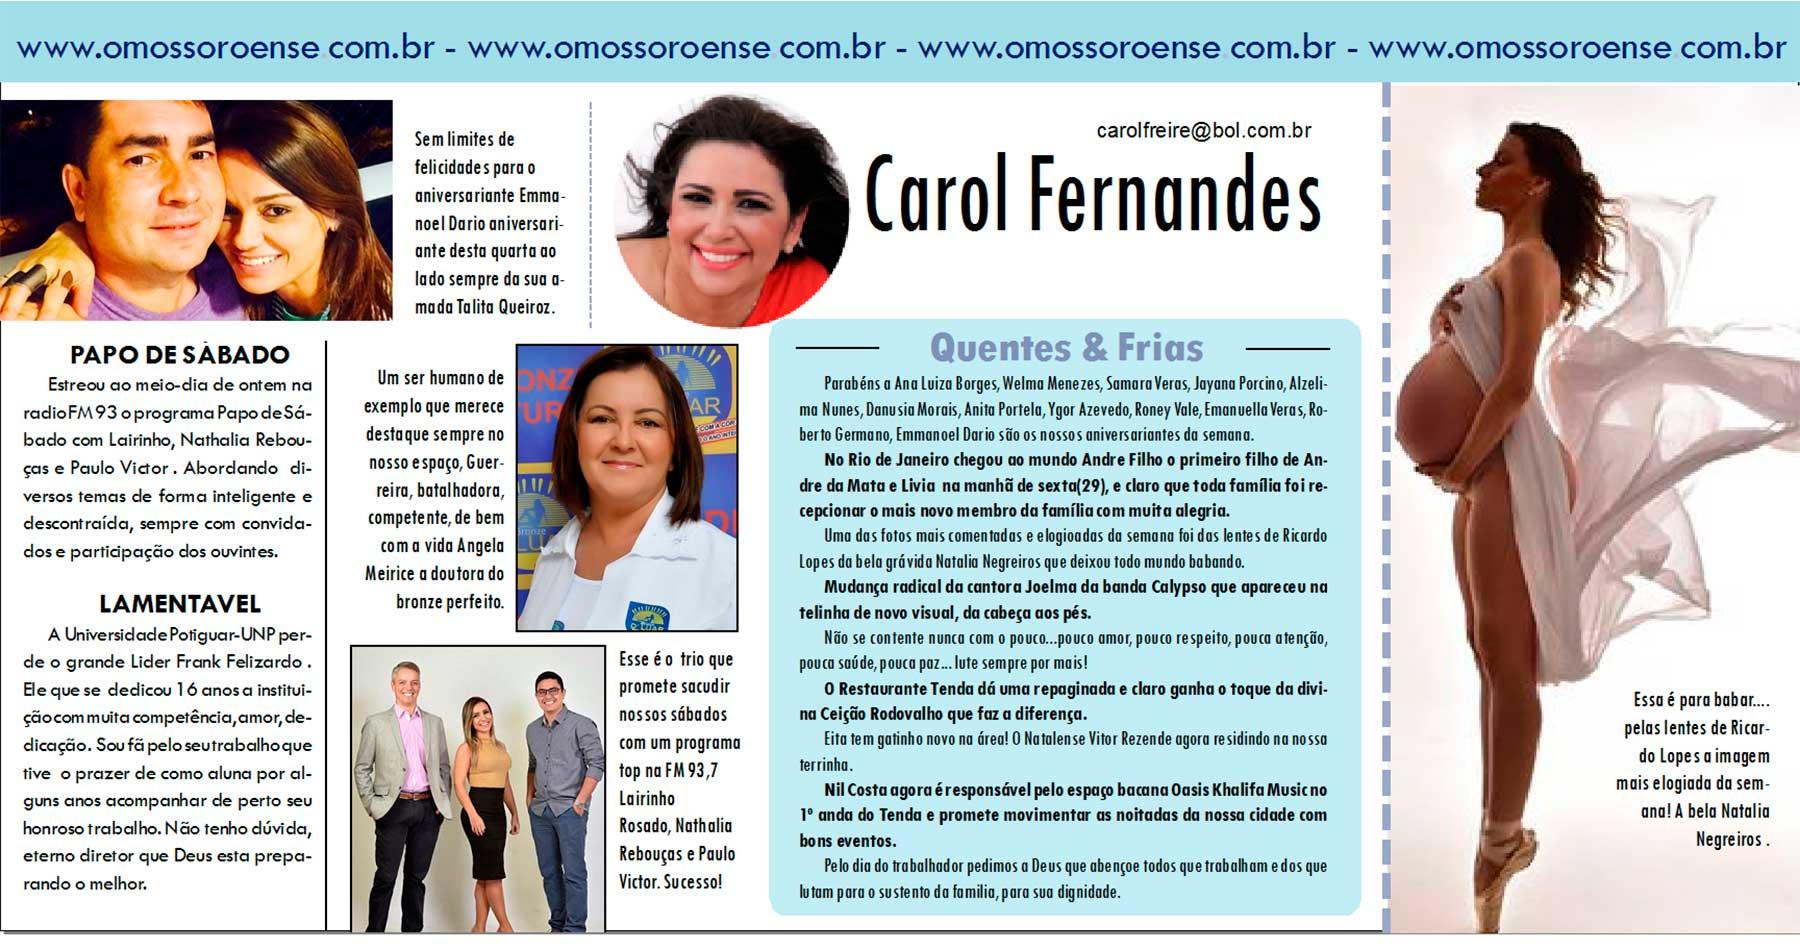 CAROL-FERNANDES---01-05-16